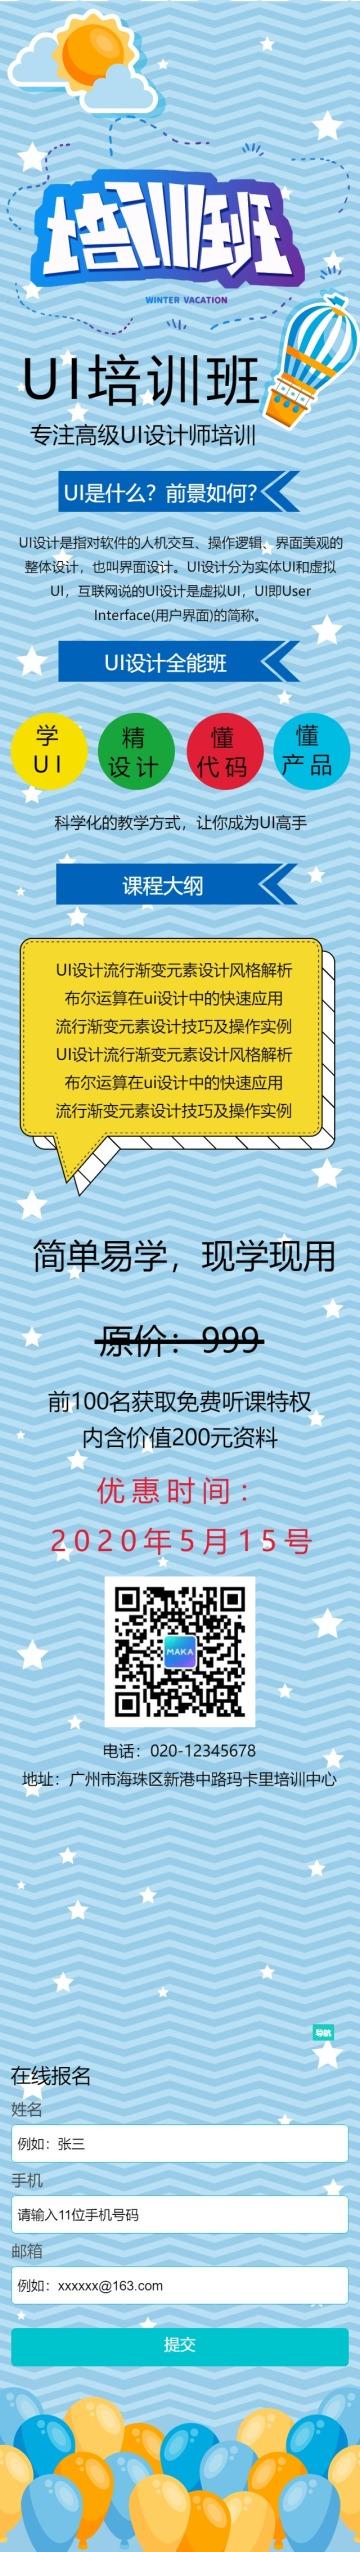 简约商务扁平UI培训招生单页宣传活动推广